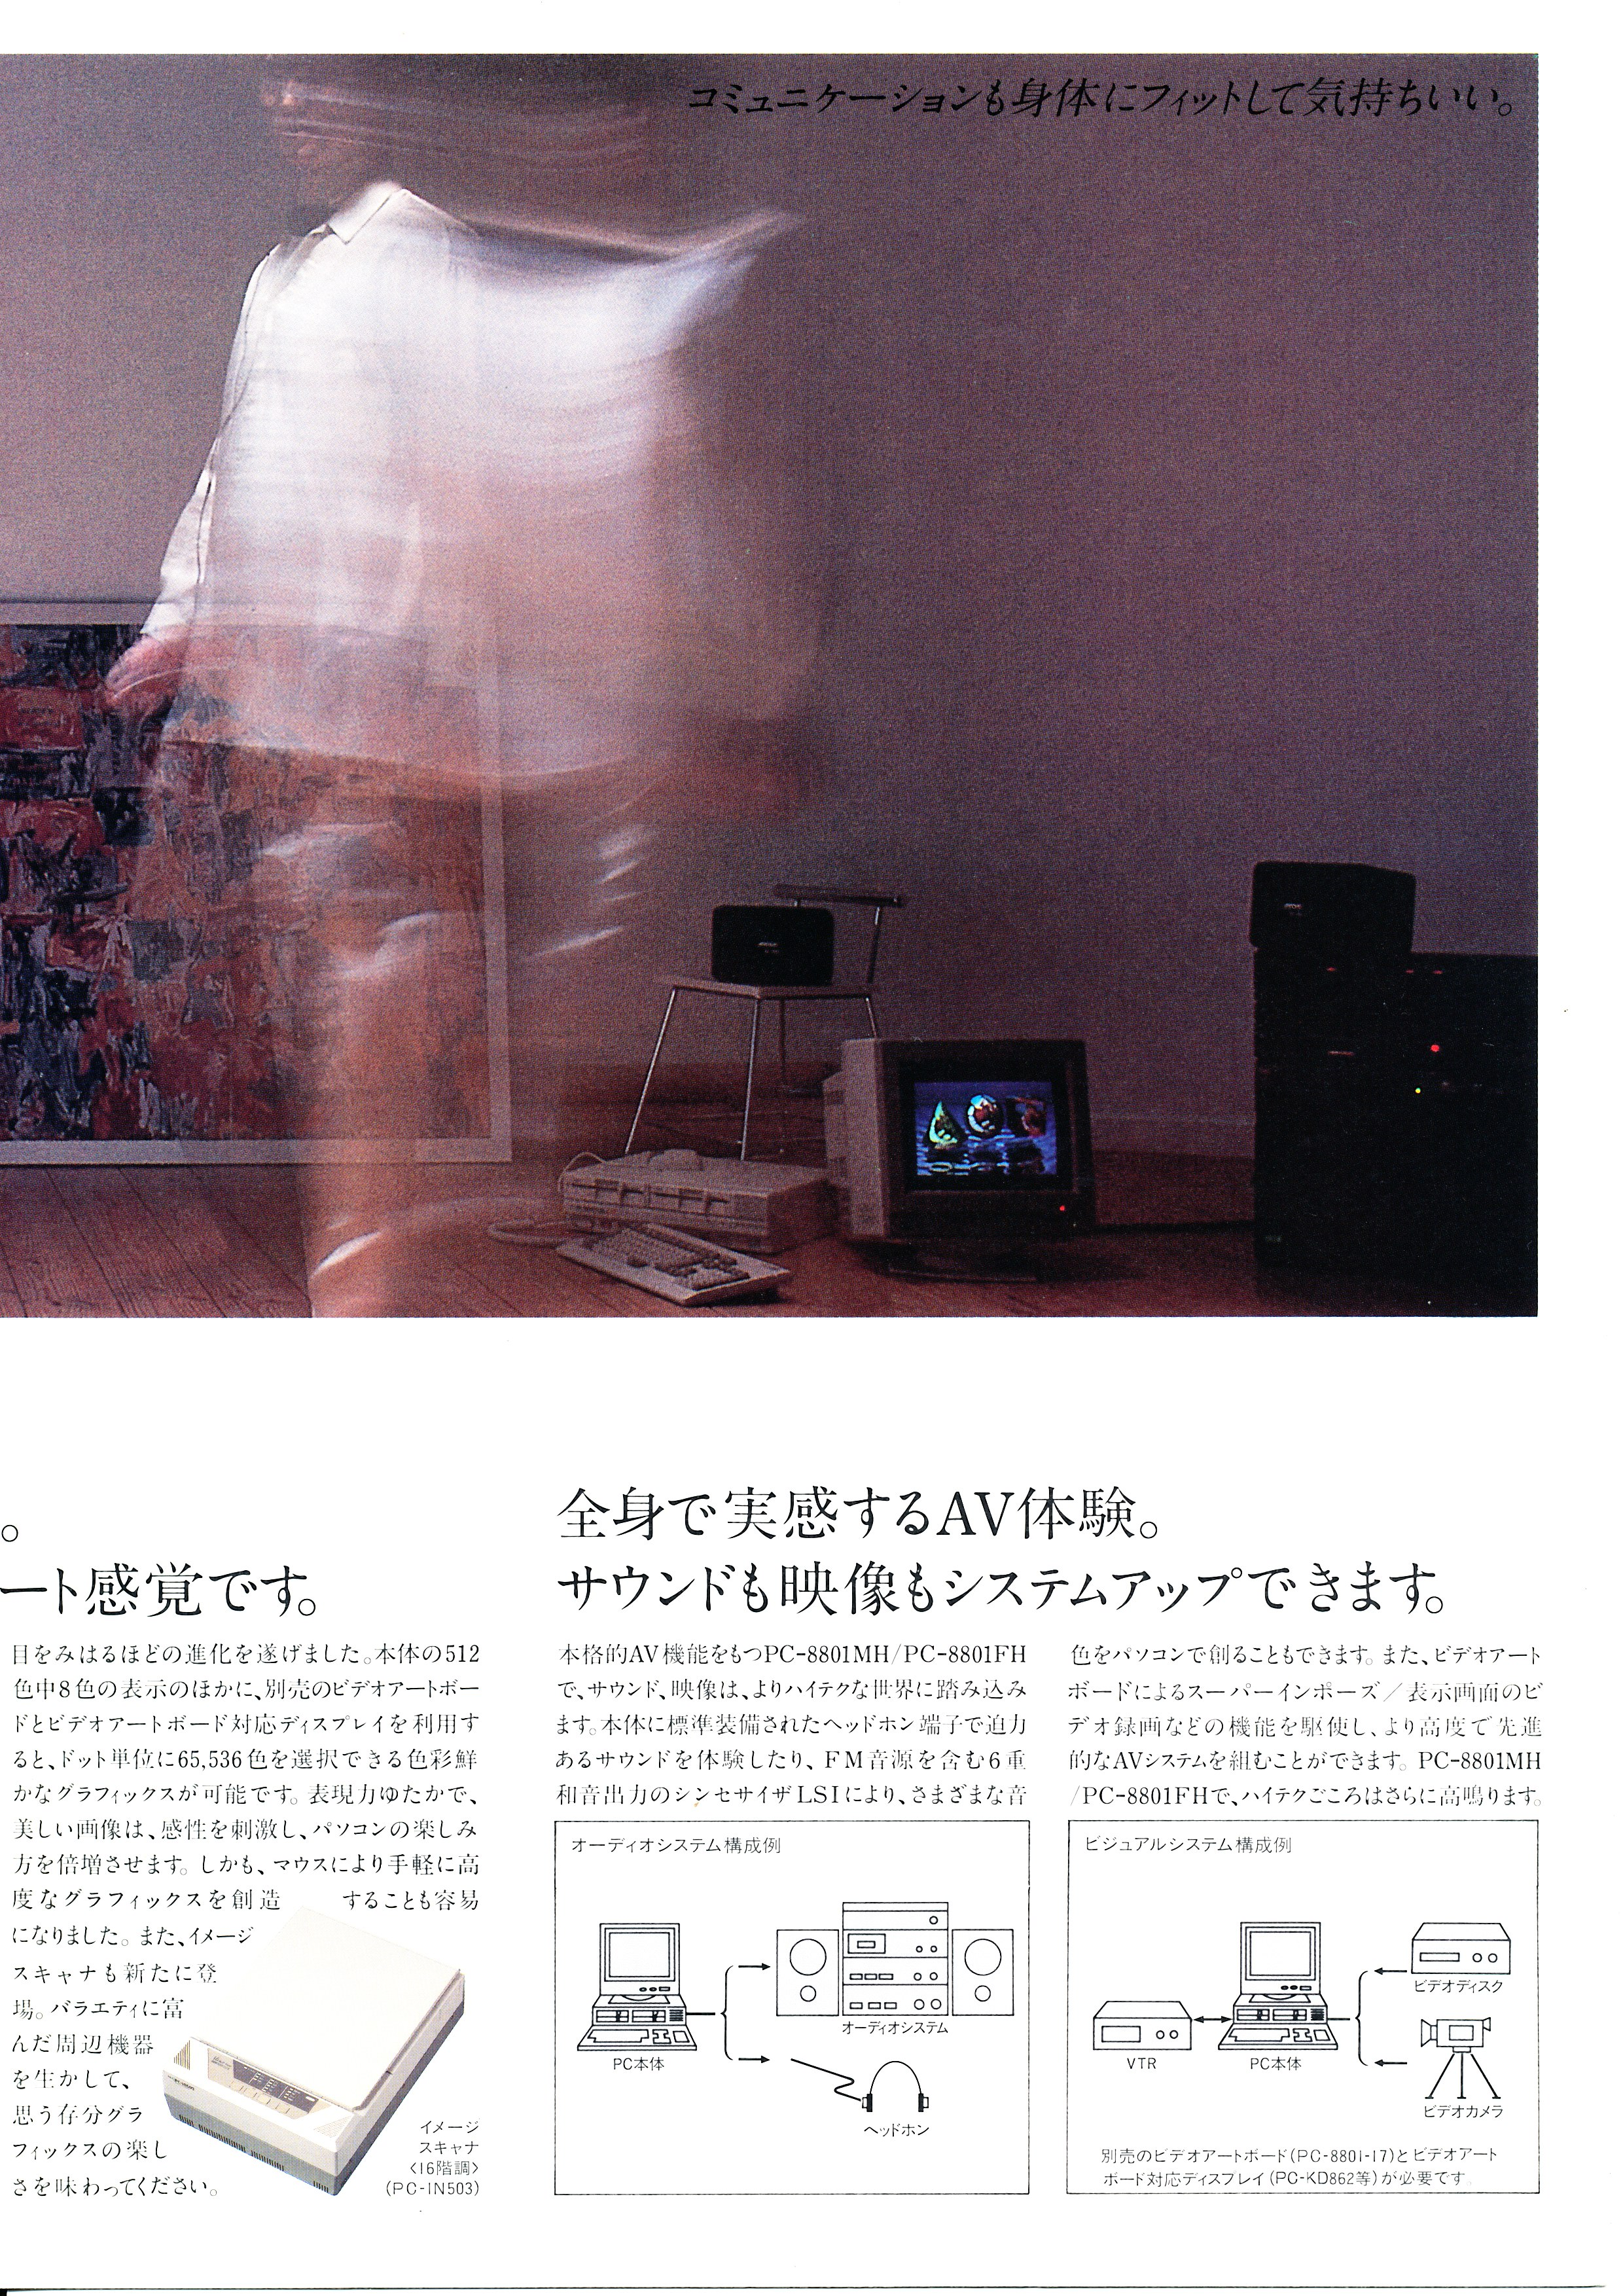 PC-8801MH/FH P7